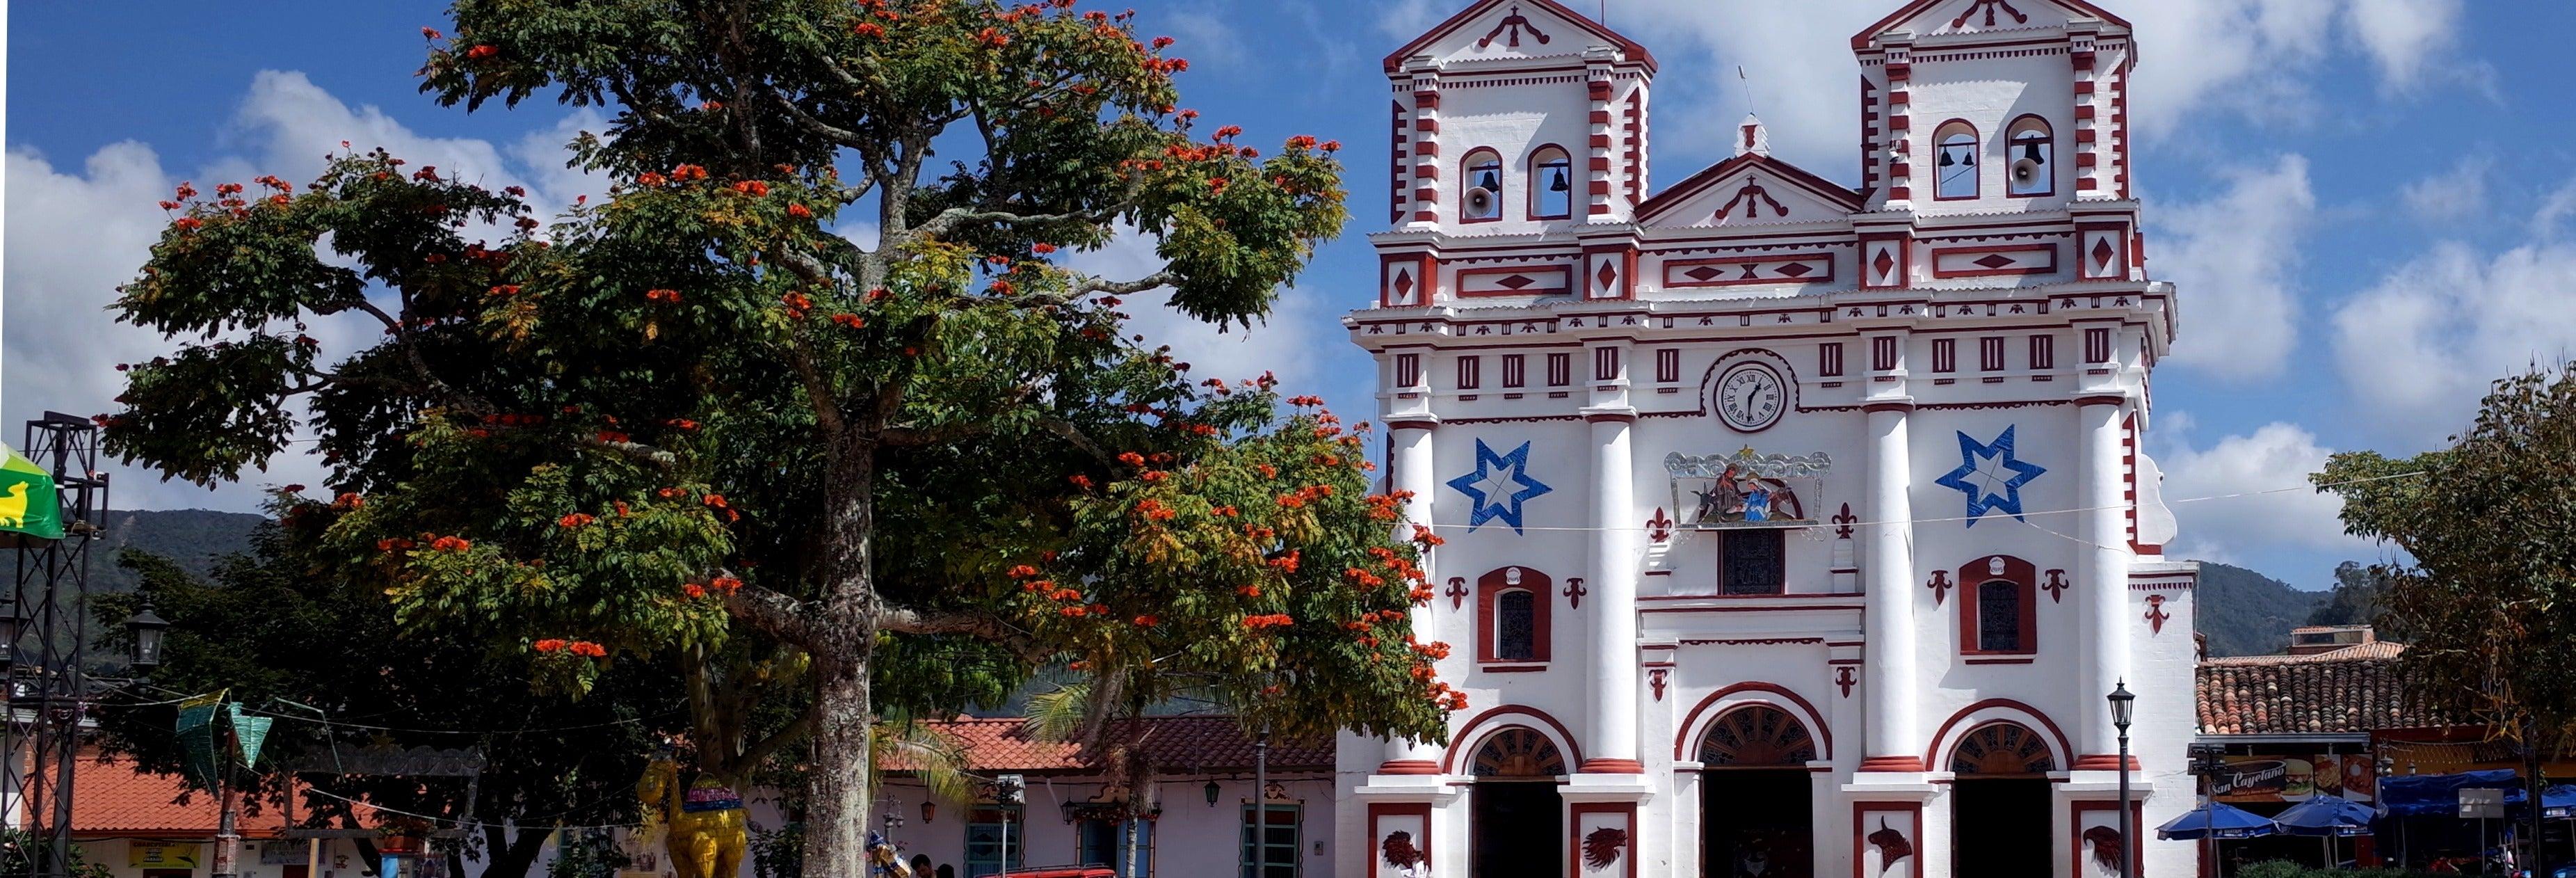 Tour religioso por Guatapé